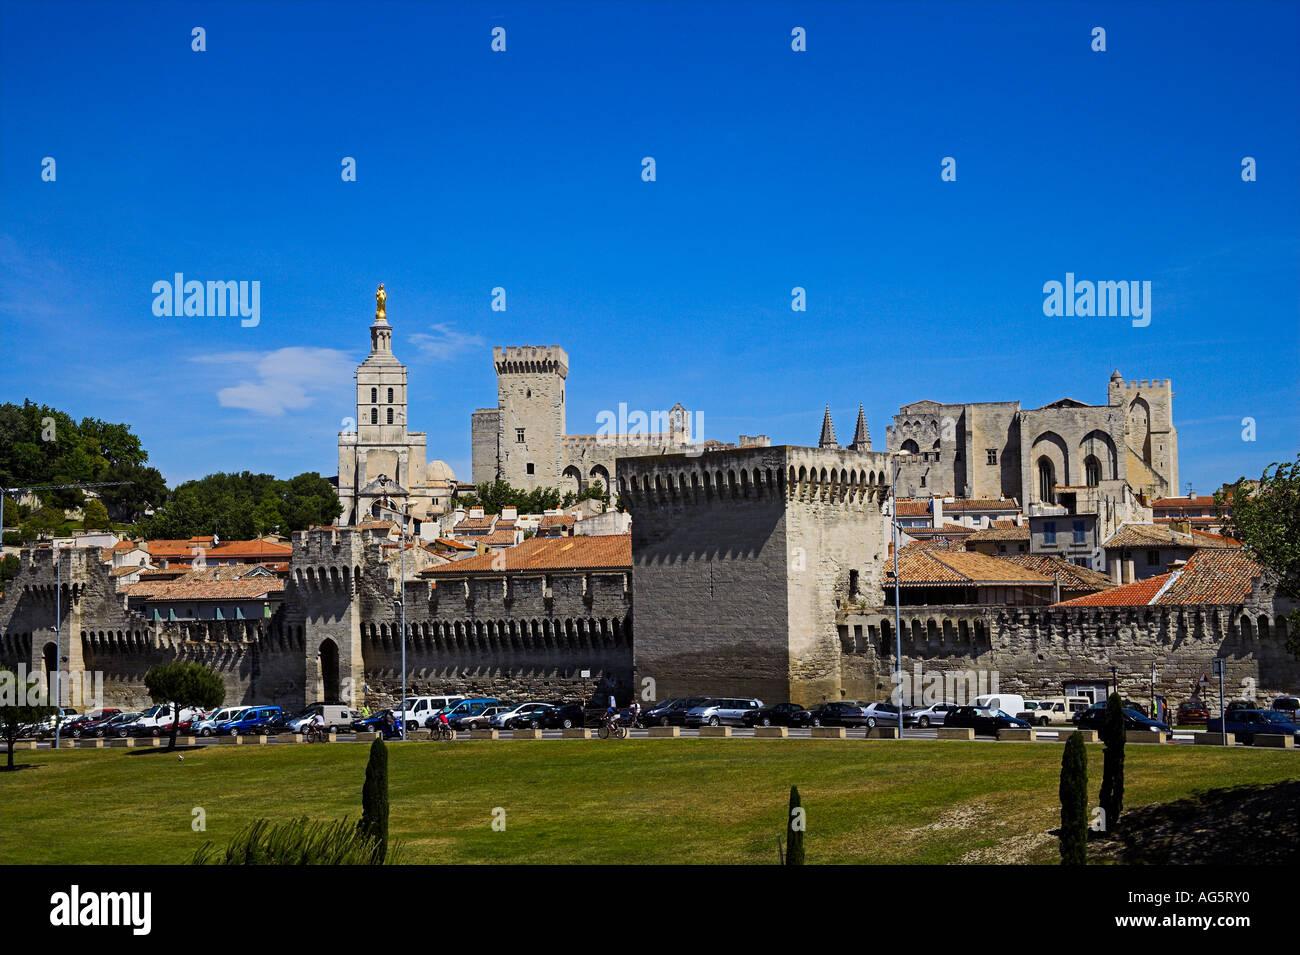 Avignon Papstresidenz Alpes Cote d Azur Palais des papes - Stock Image